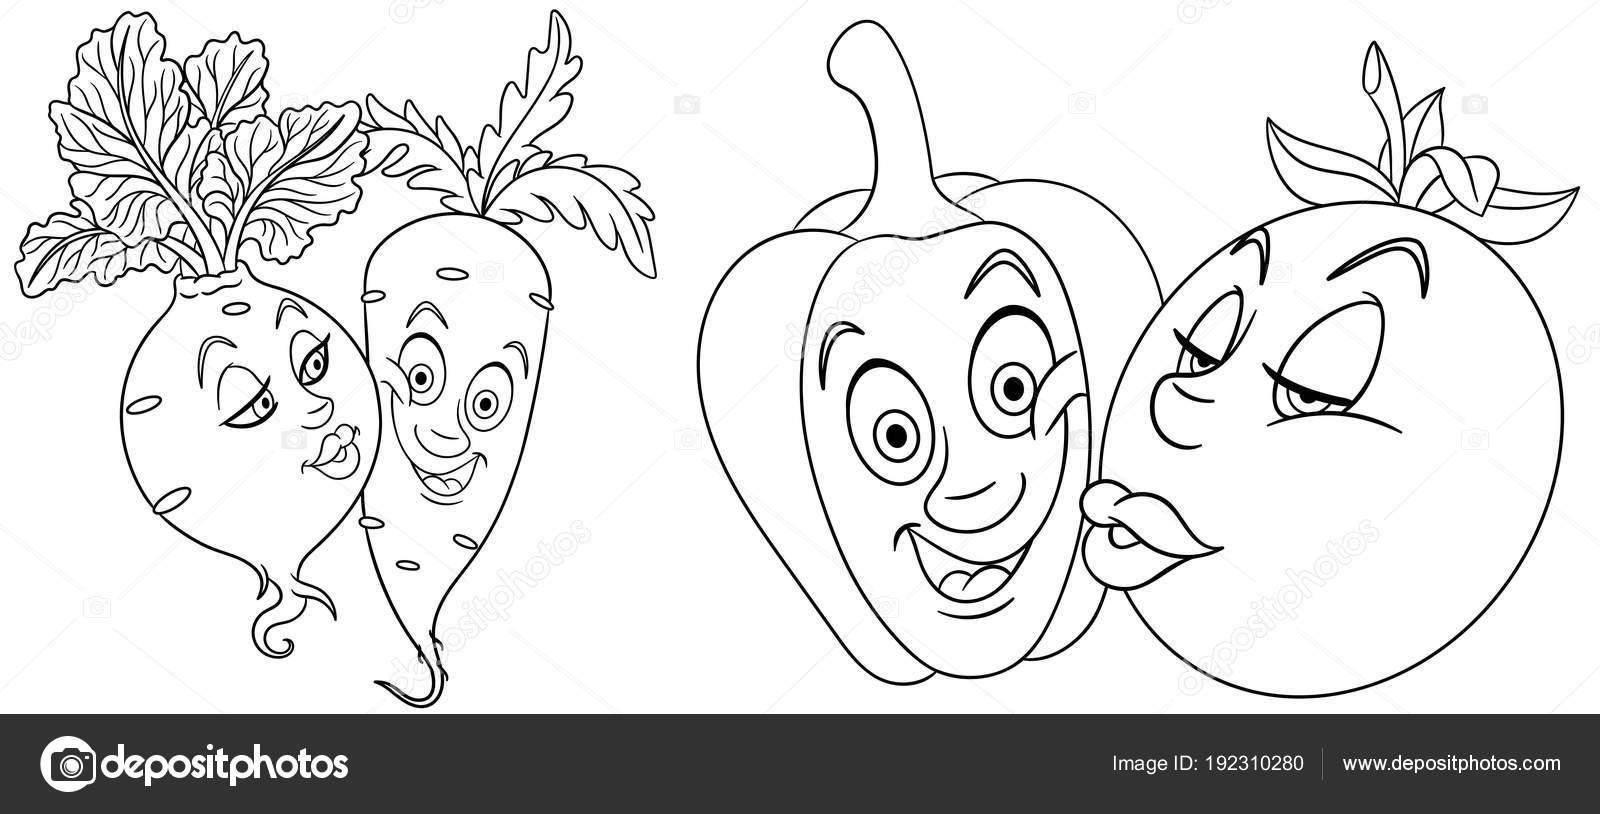 Malvorlagen Cartoon Gemüse Der Liebe Schöne Kuss Emoticons Emoji Für ...